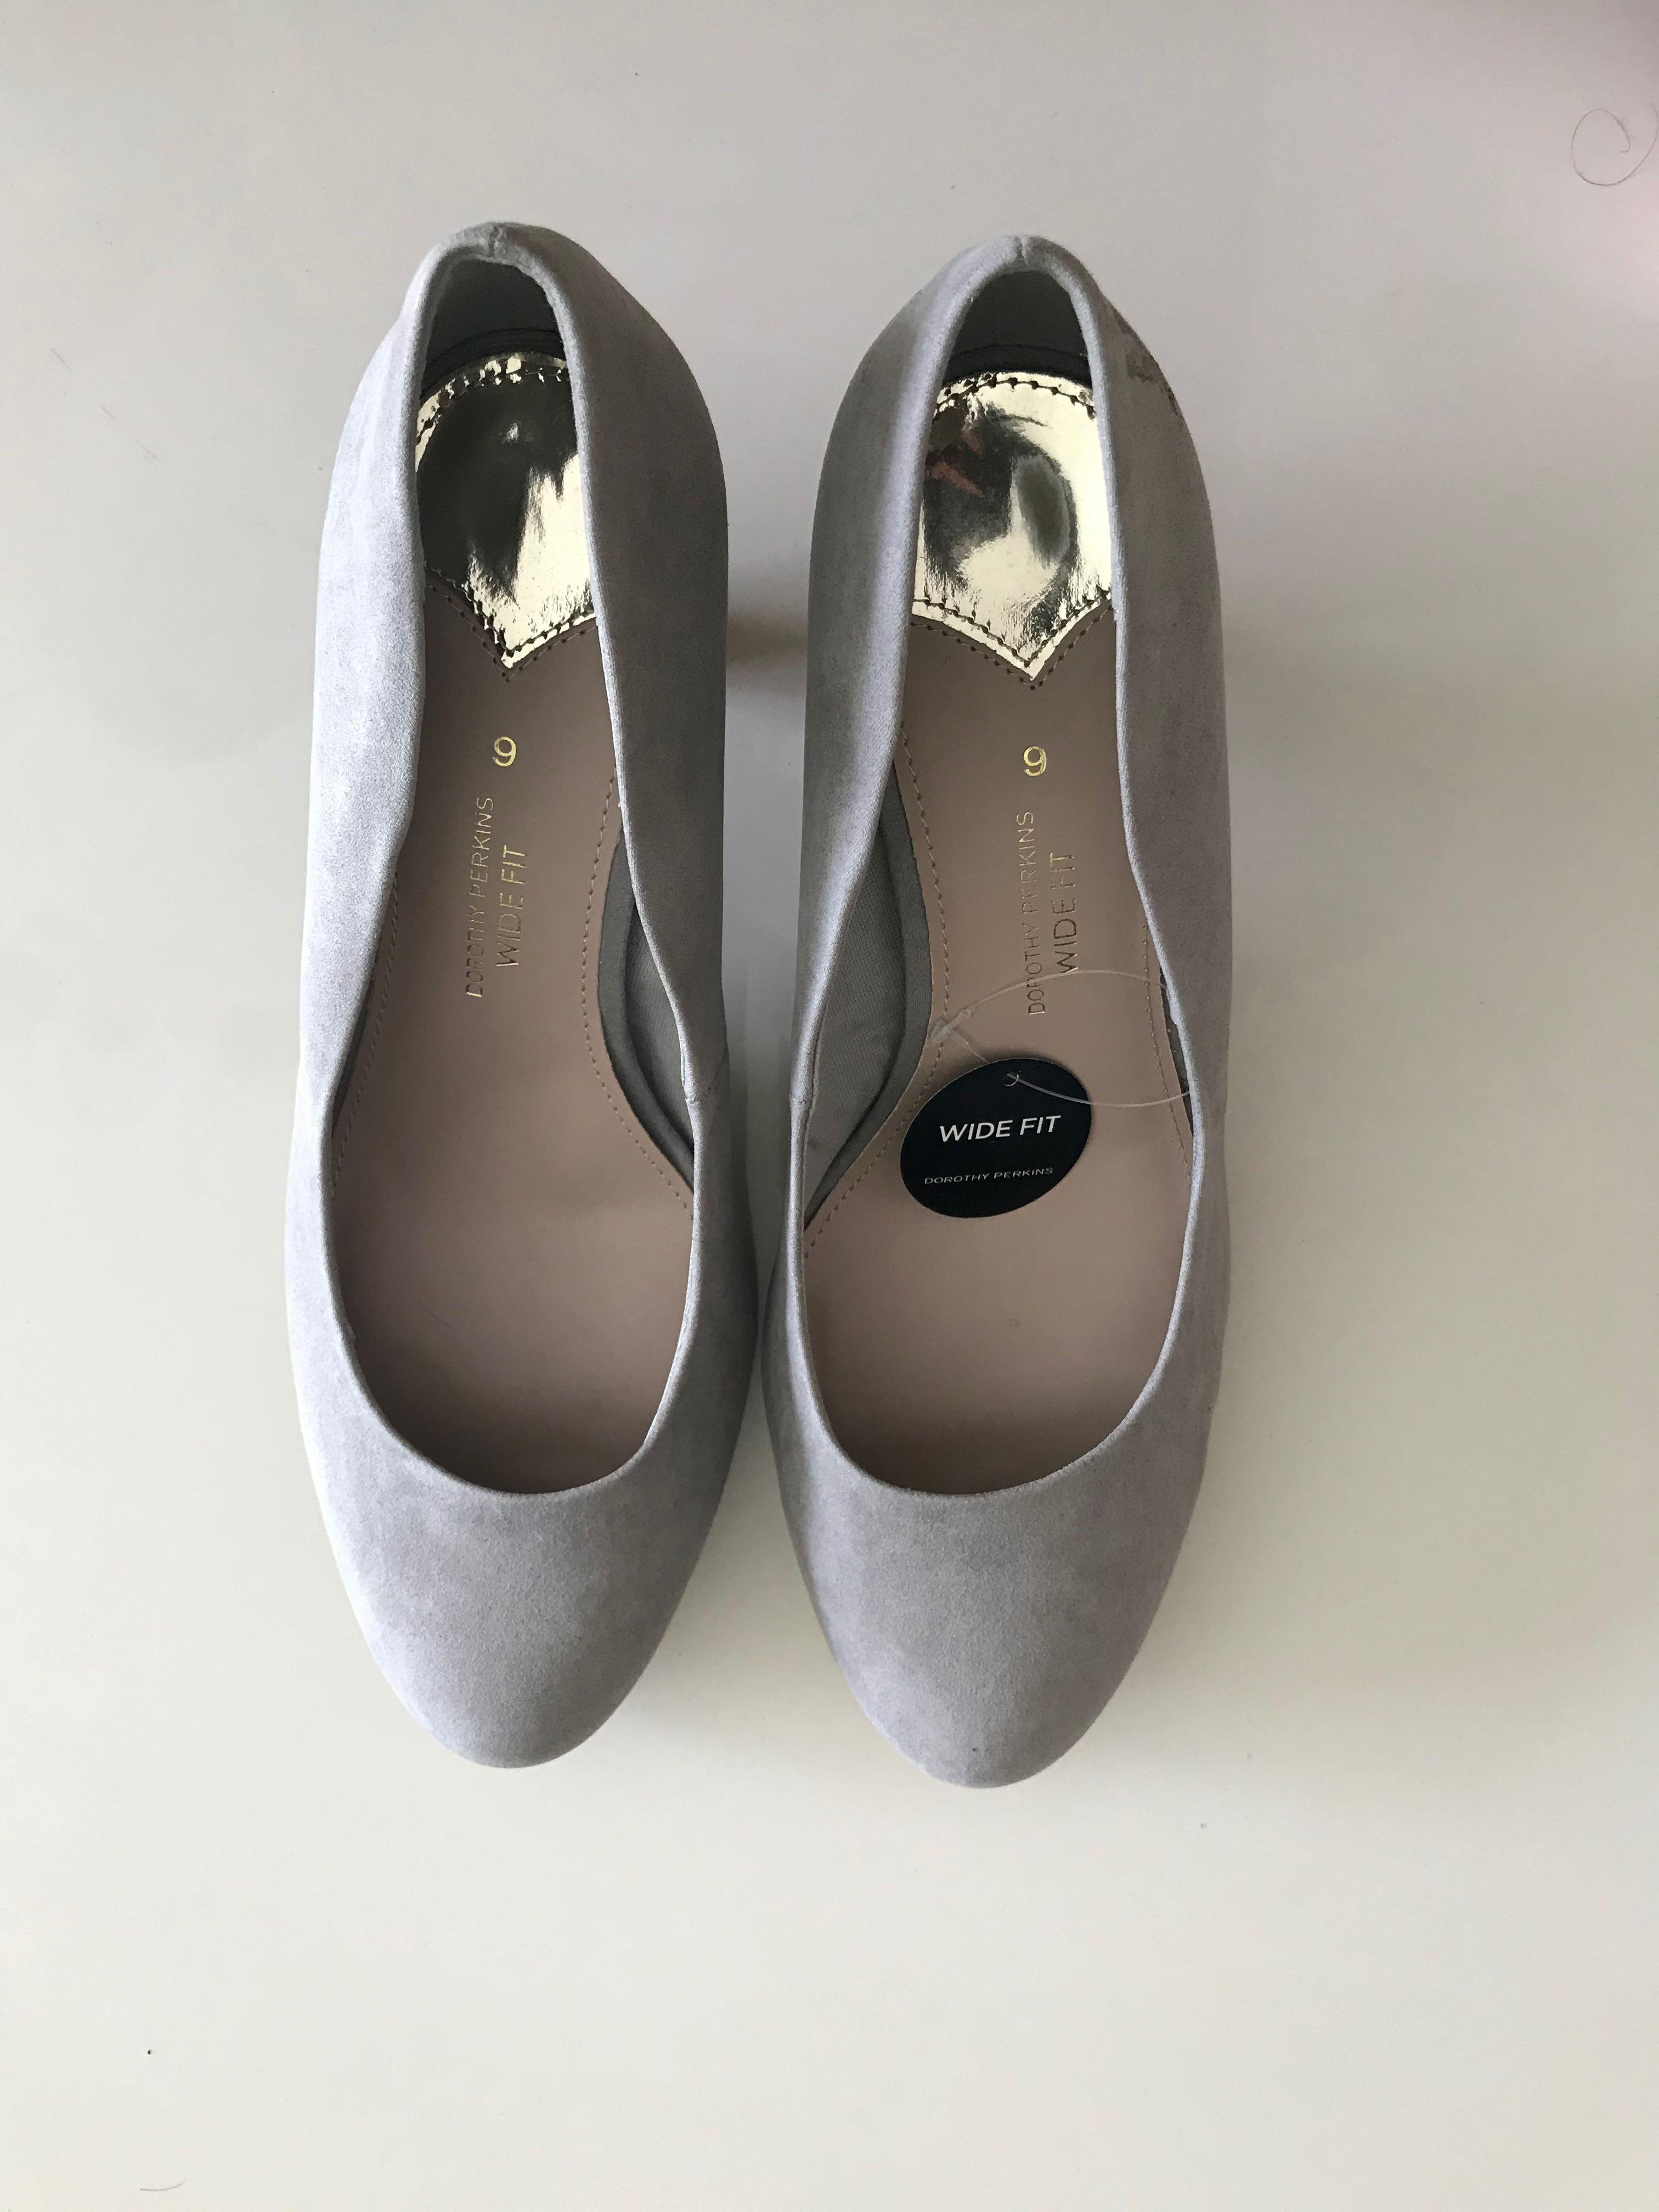 Grey suede heels UK 9 / size 43 (wide